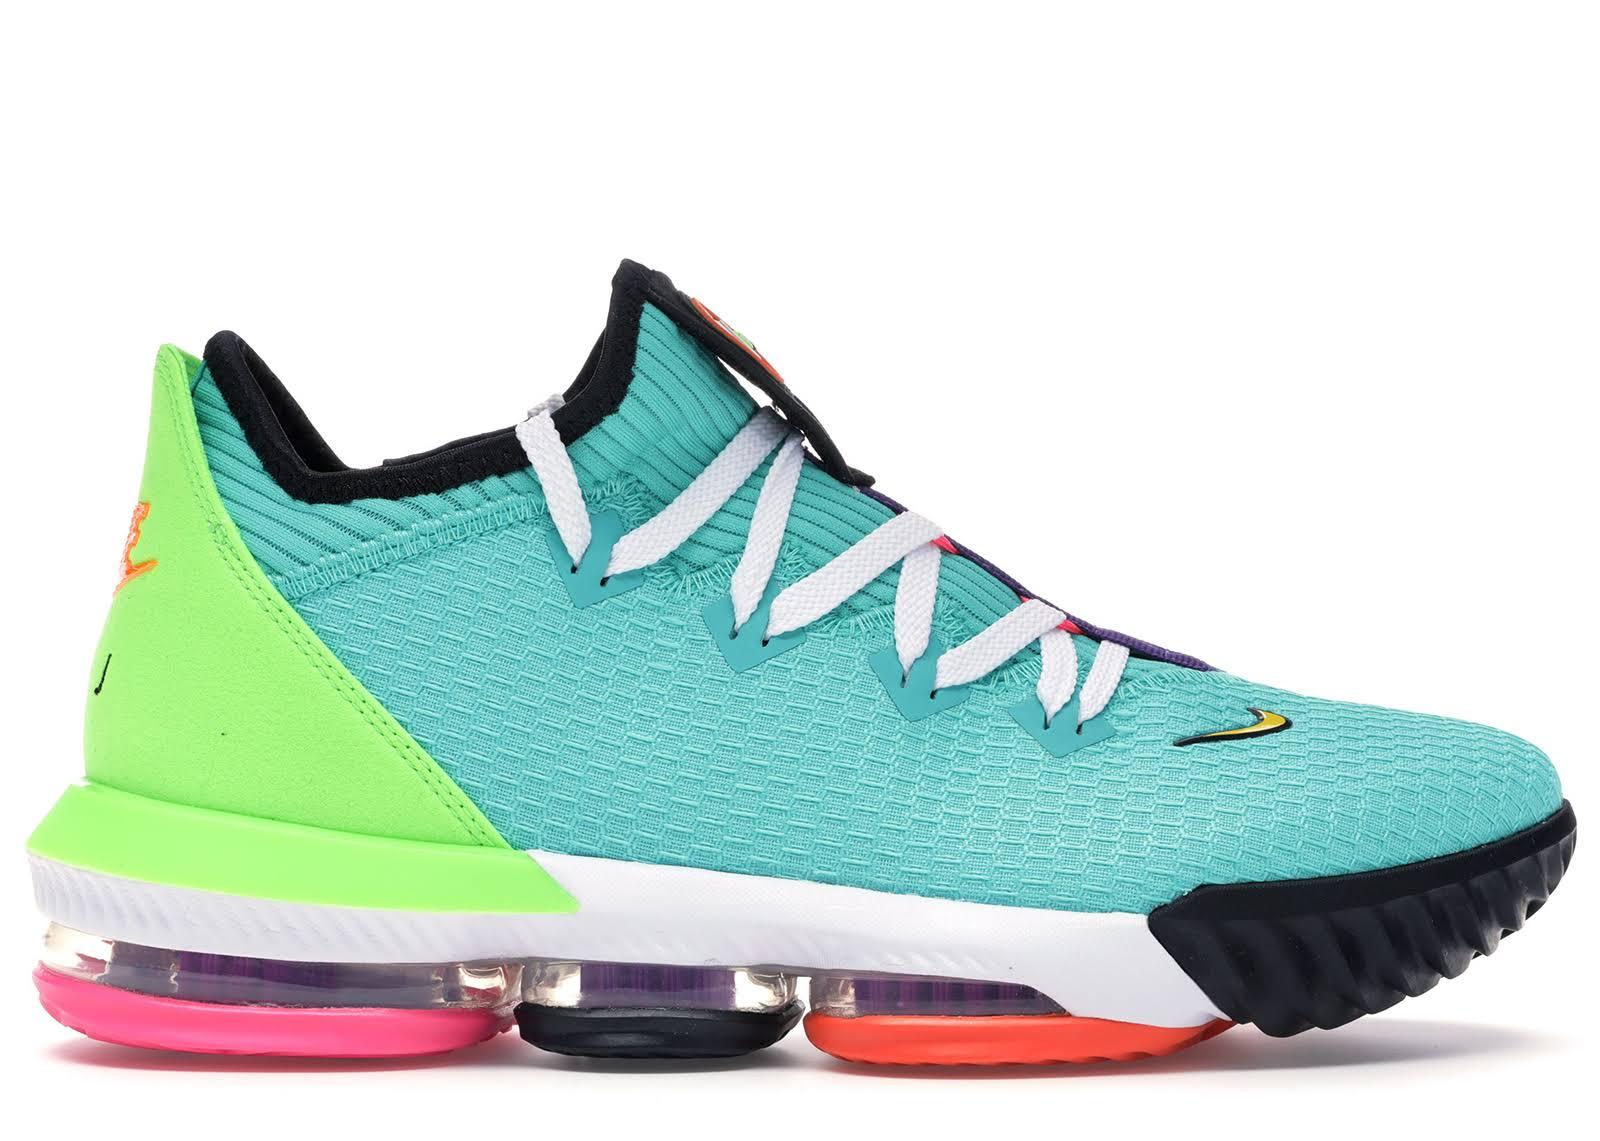 Nike LeBron 16 Low Air Max Trainer 2